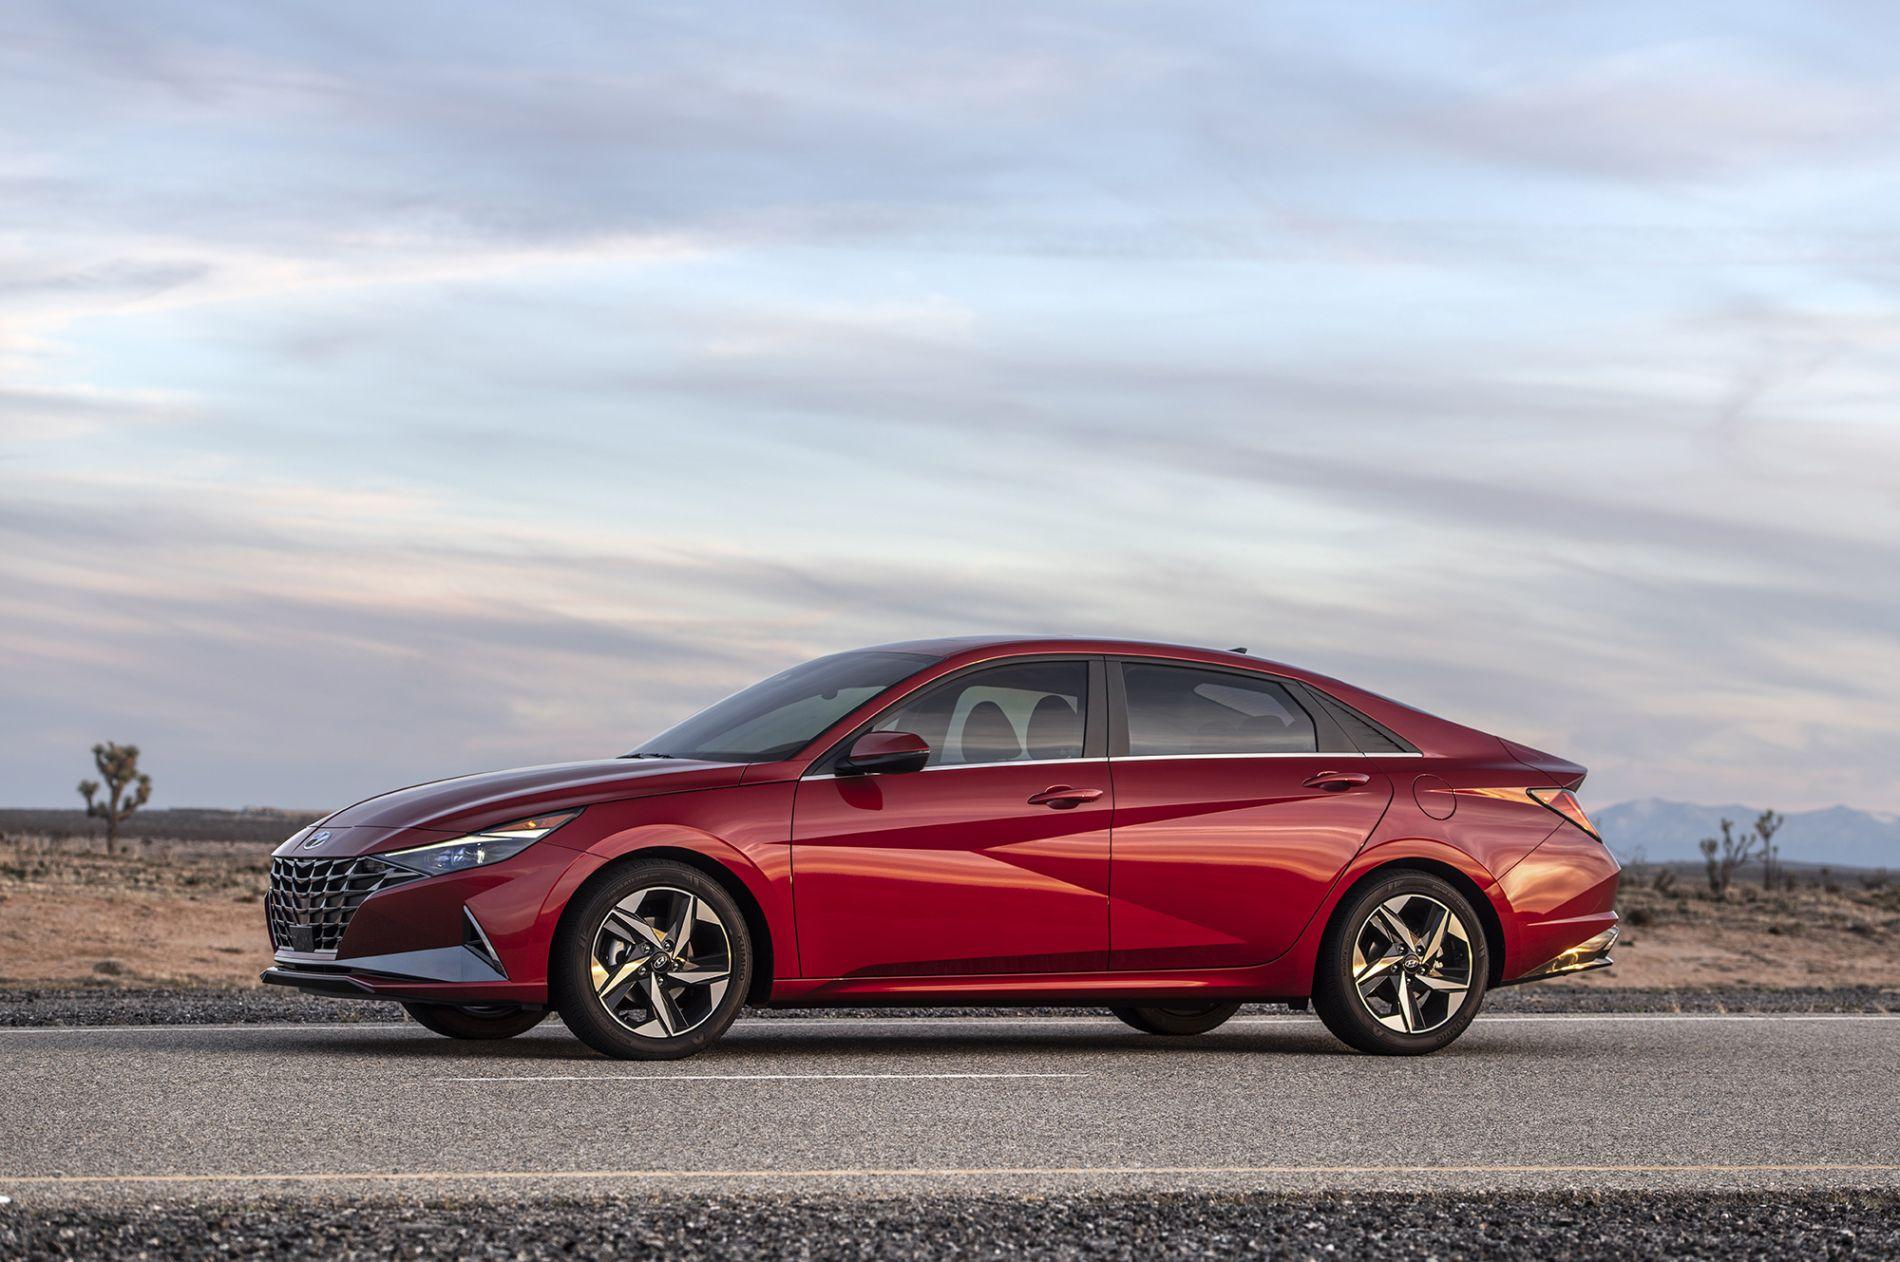 2021 Hyundai Elantra - მომხიბლელი და ეკონომიური